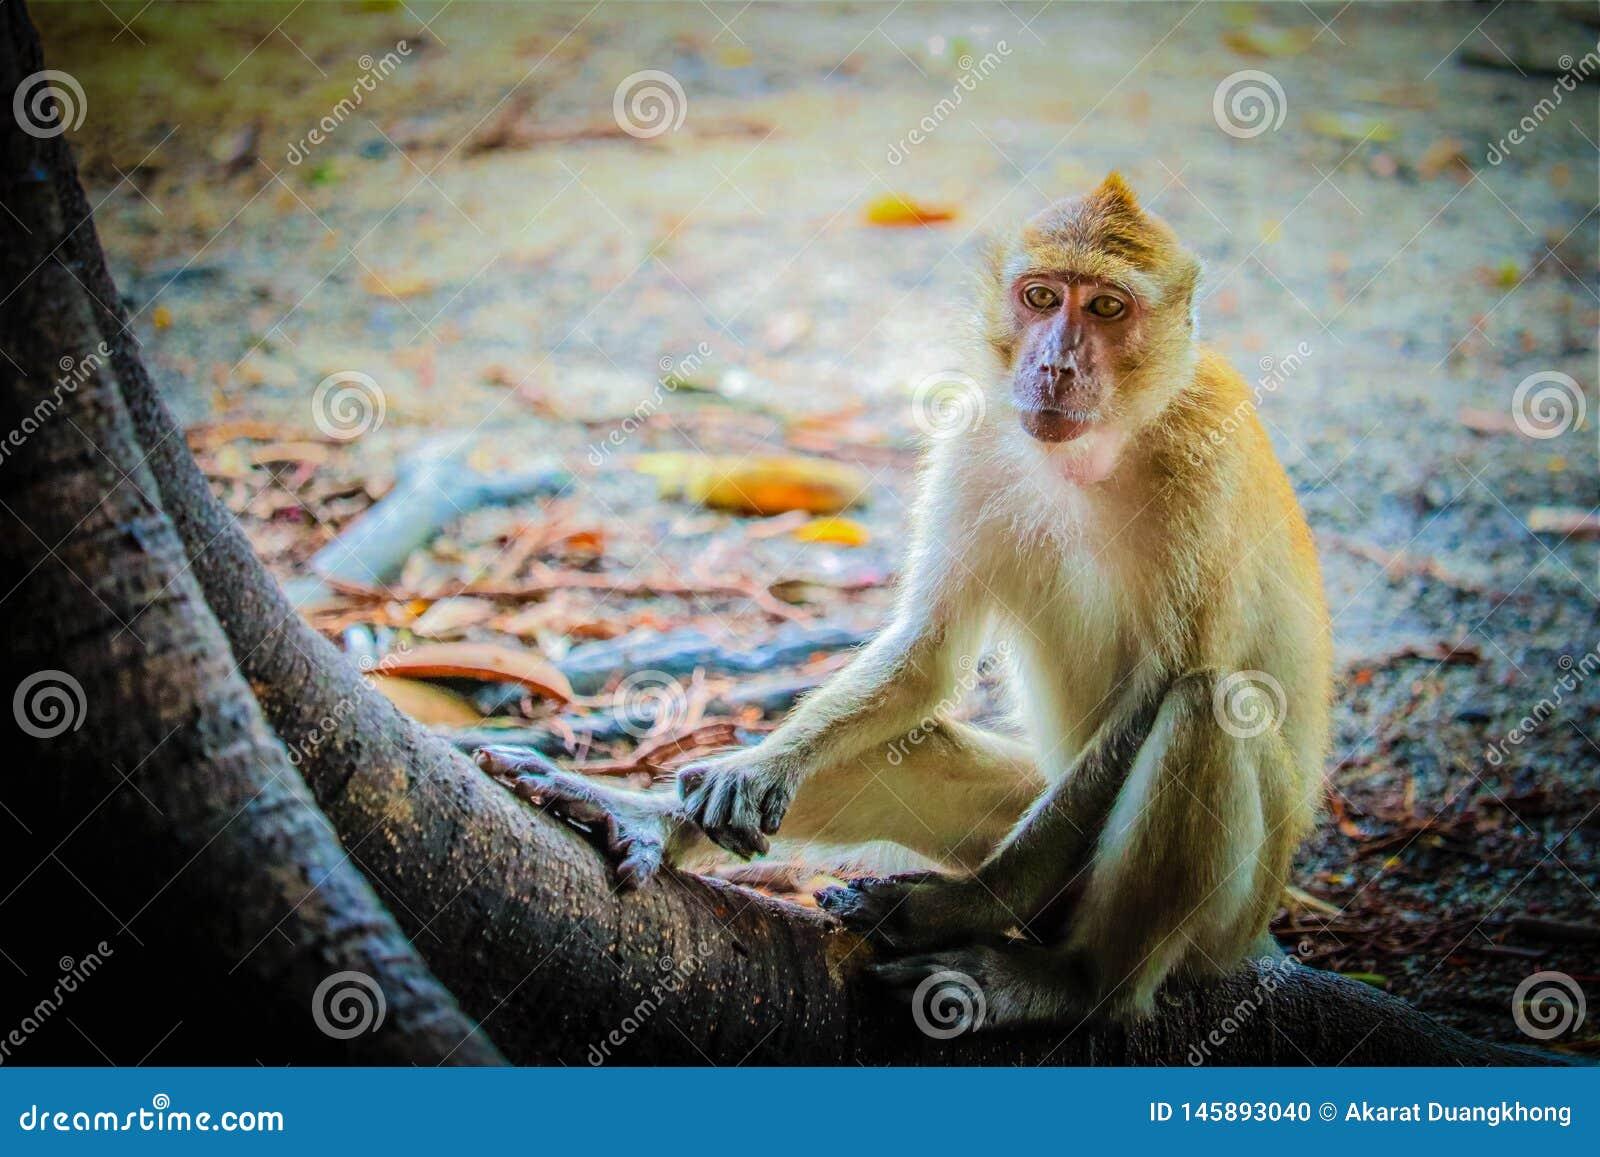 Monkey is eating a banana